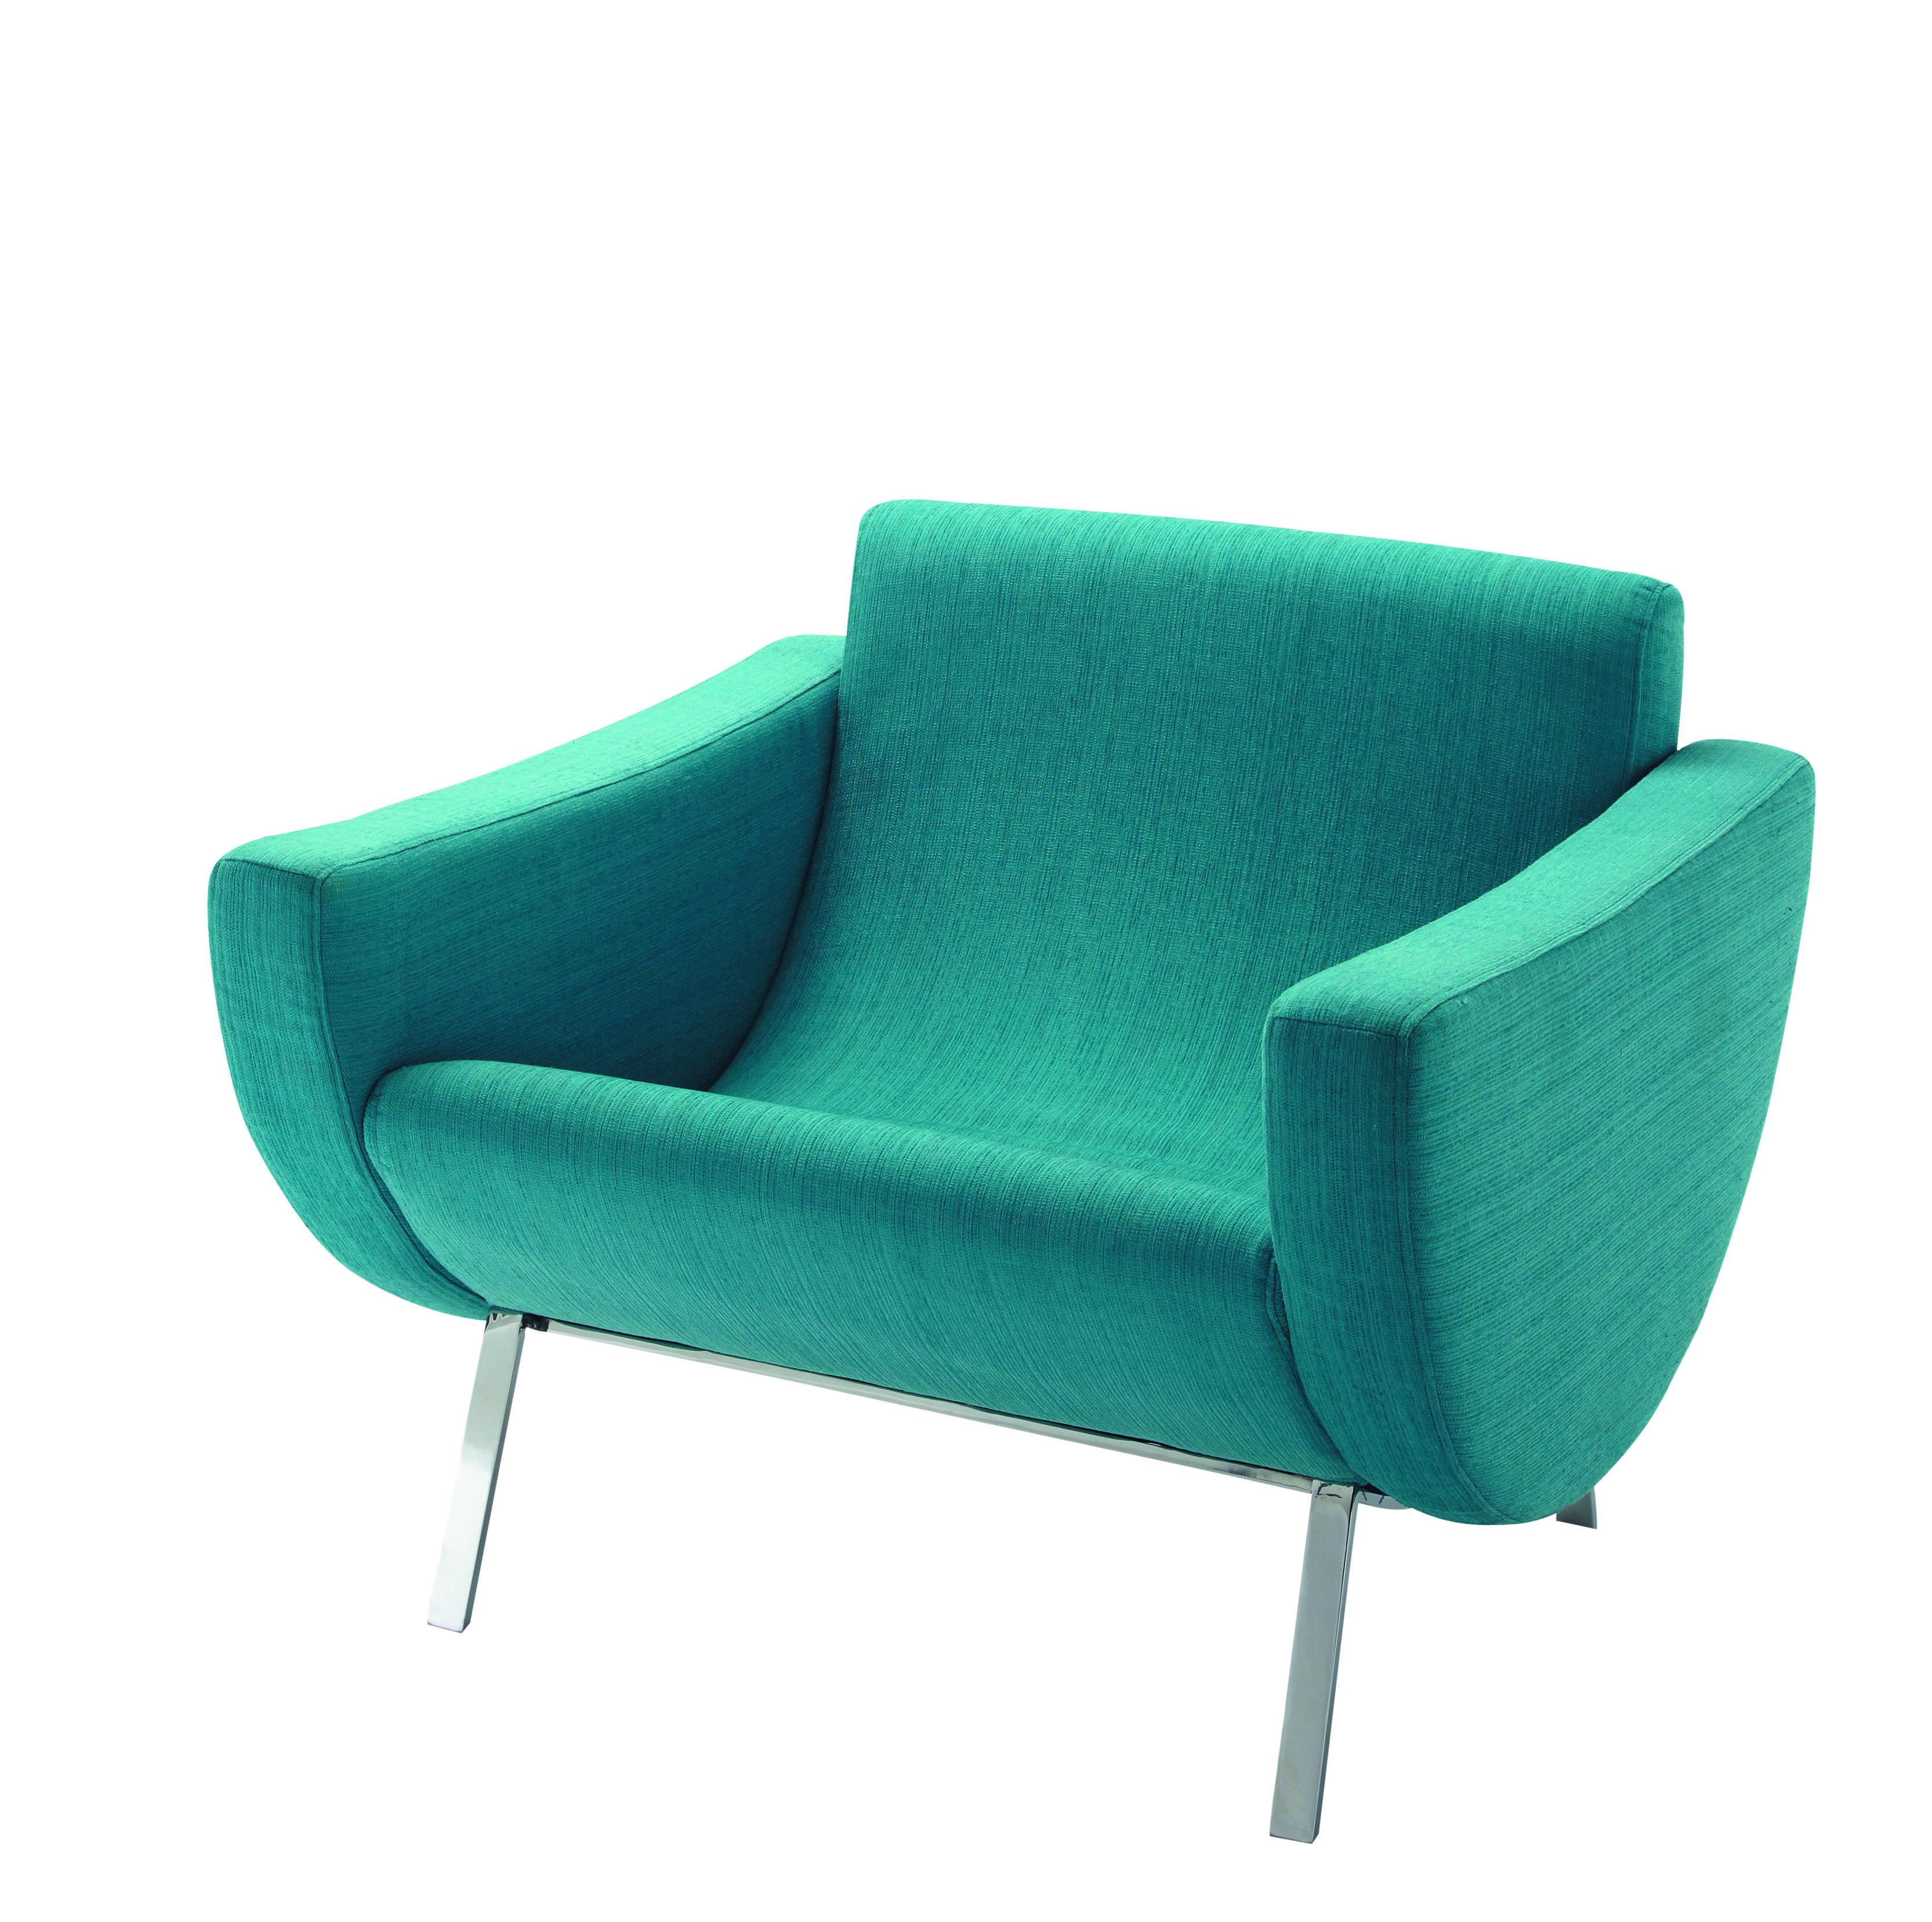 Conçu en 1958, le fauteuil « club » Mandarine, s'intègre parfaitement dans les appartements exigus de la Reconstruction grâce à sa forme compacte. Le faible encombrement répond à de multiples fonctions, mais aussi pour s'insérer dans des espaces minimums comme la salle de séjour, lieu de vie principal de la famille. Fauteuil Mandarine, 299 €.